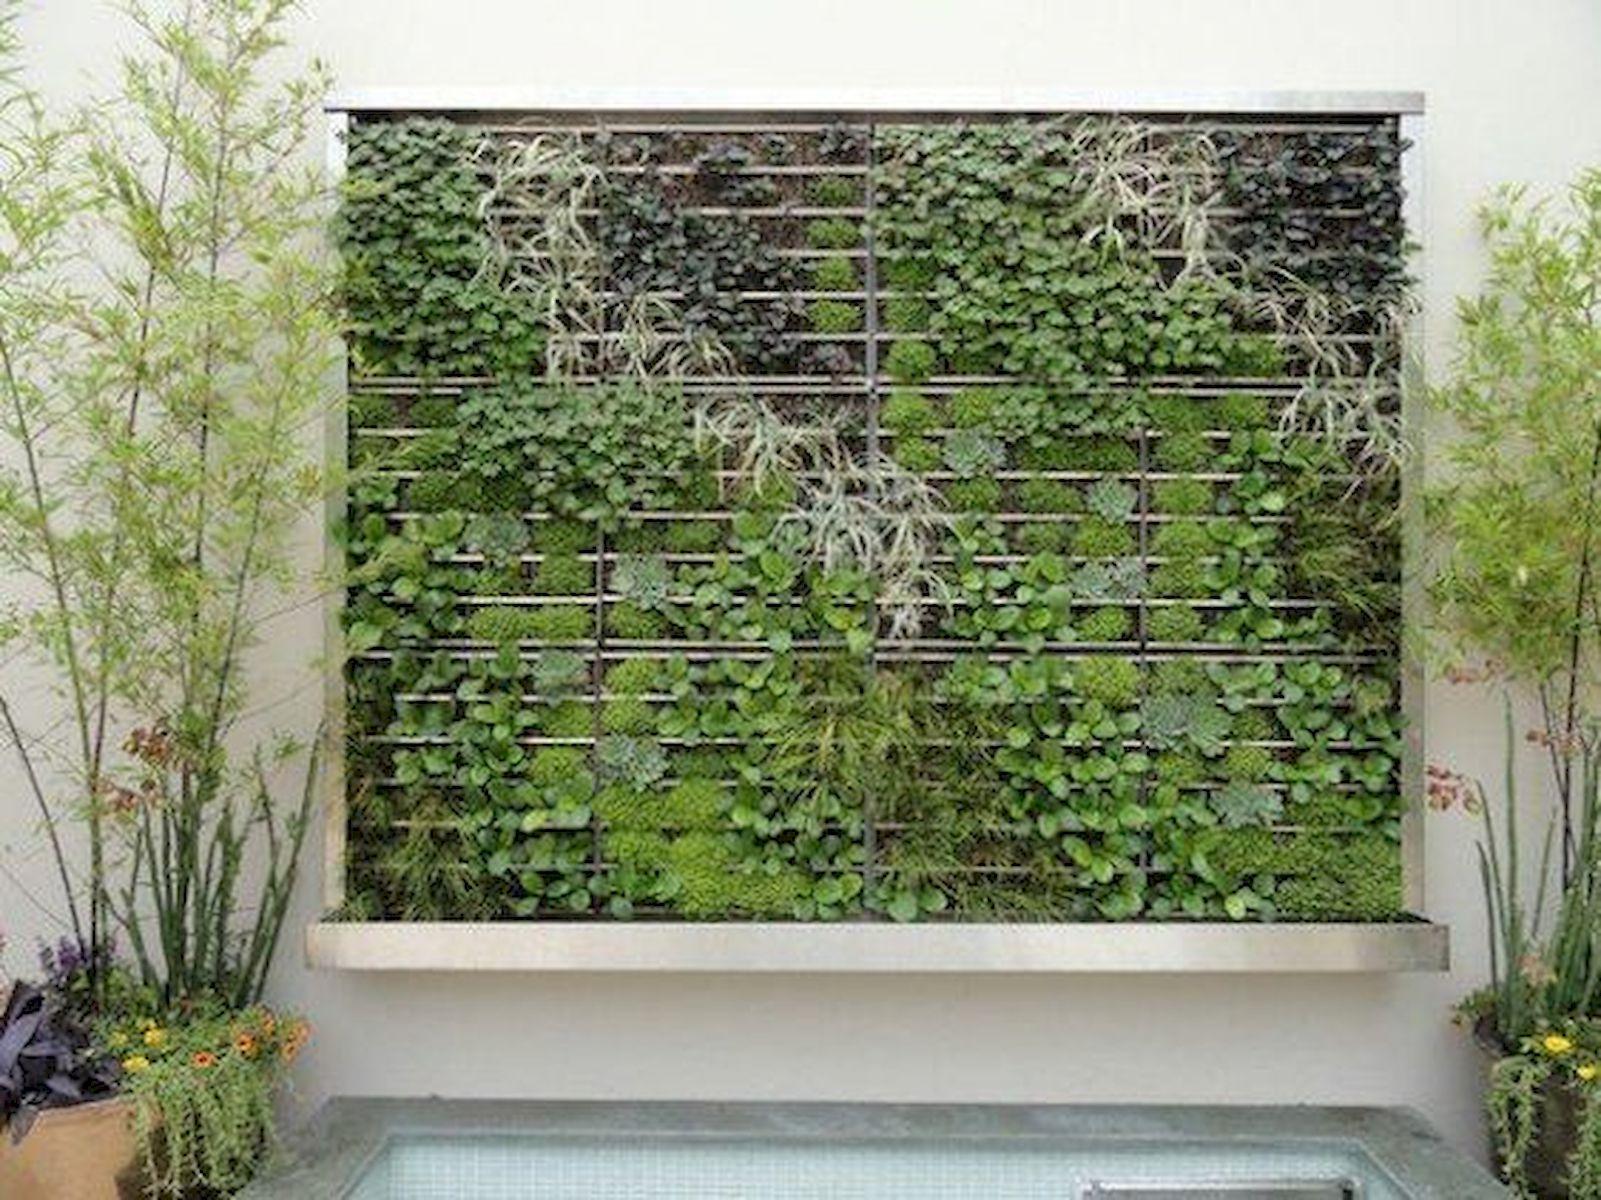 44 Creative DIY Vertical Garden Ideas To Make Your Home Beautiful (15)